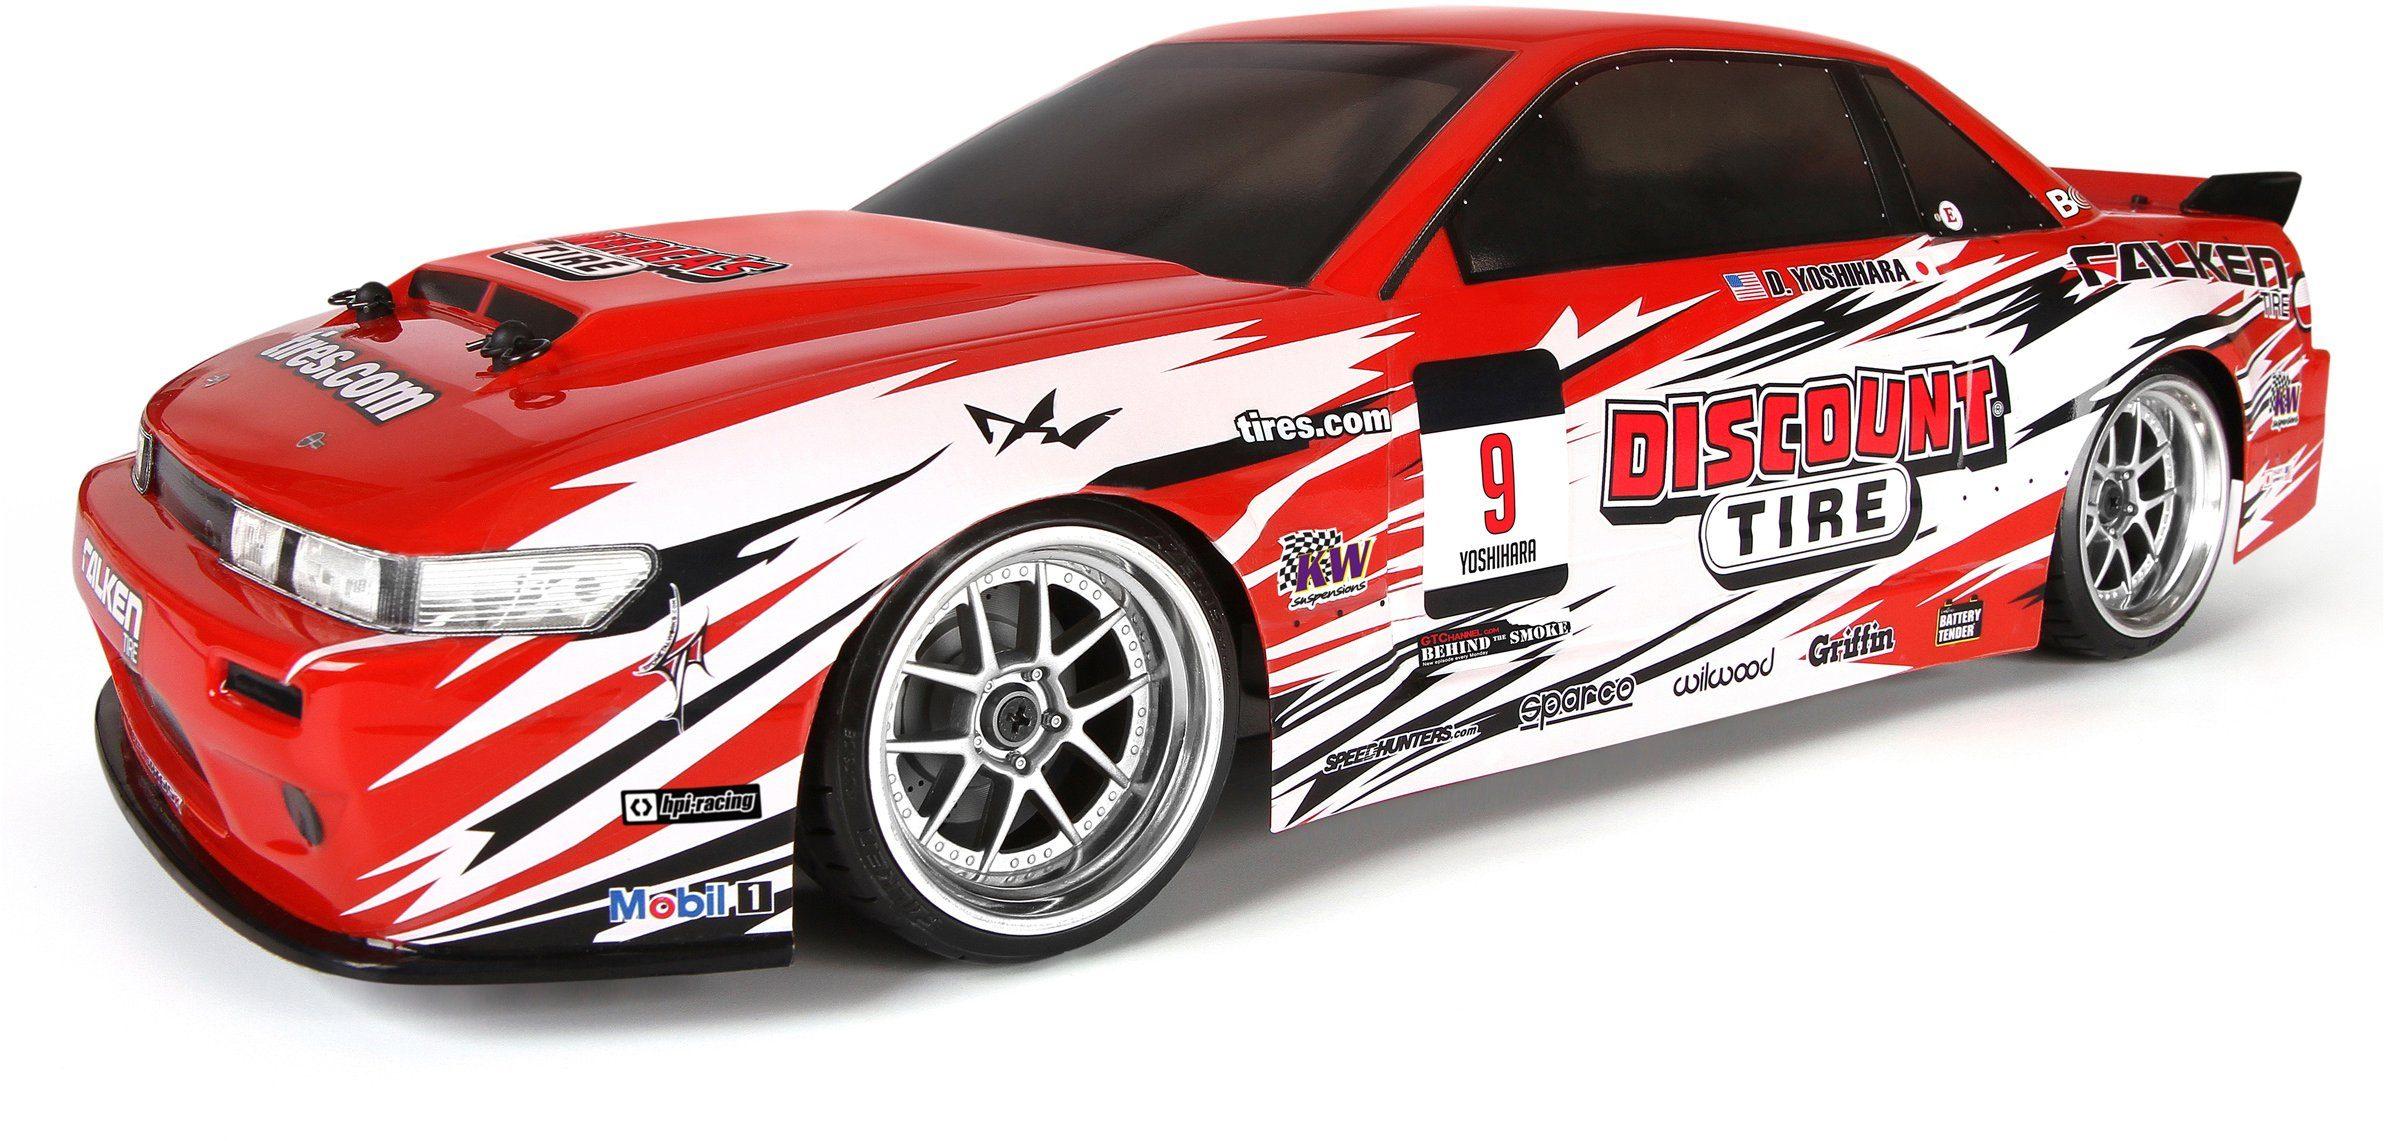 HPI Racing RC Komplettset, »E10 Drift Discount Tire, Nissan S13 1:10 2,4 GHz«